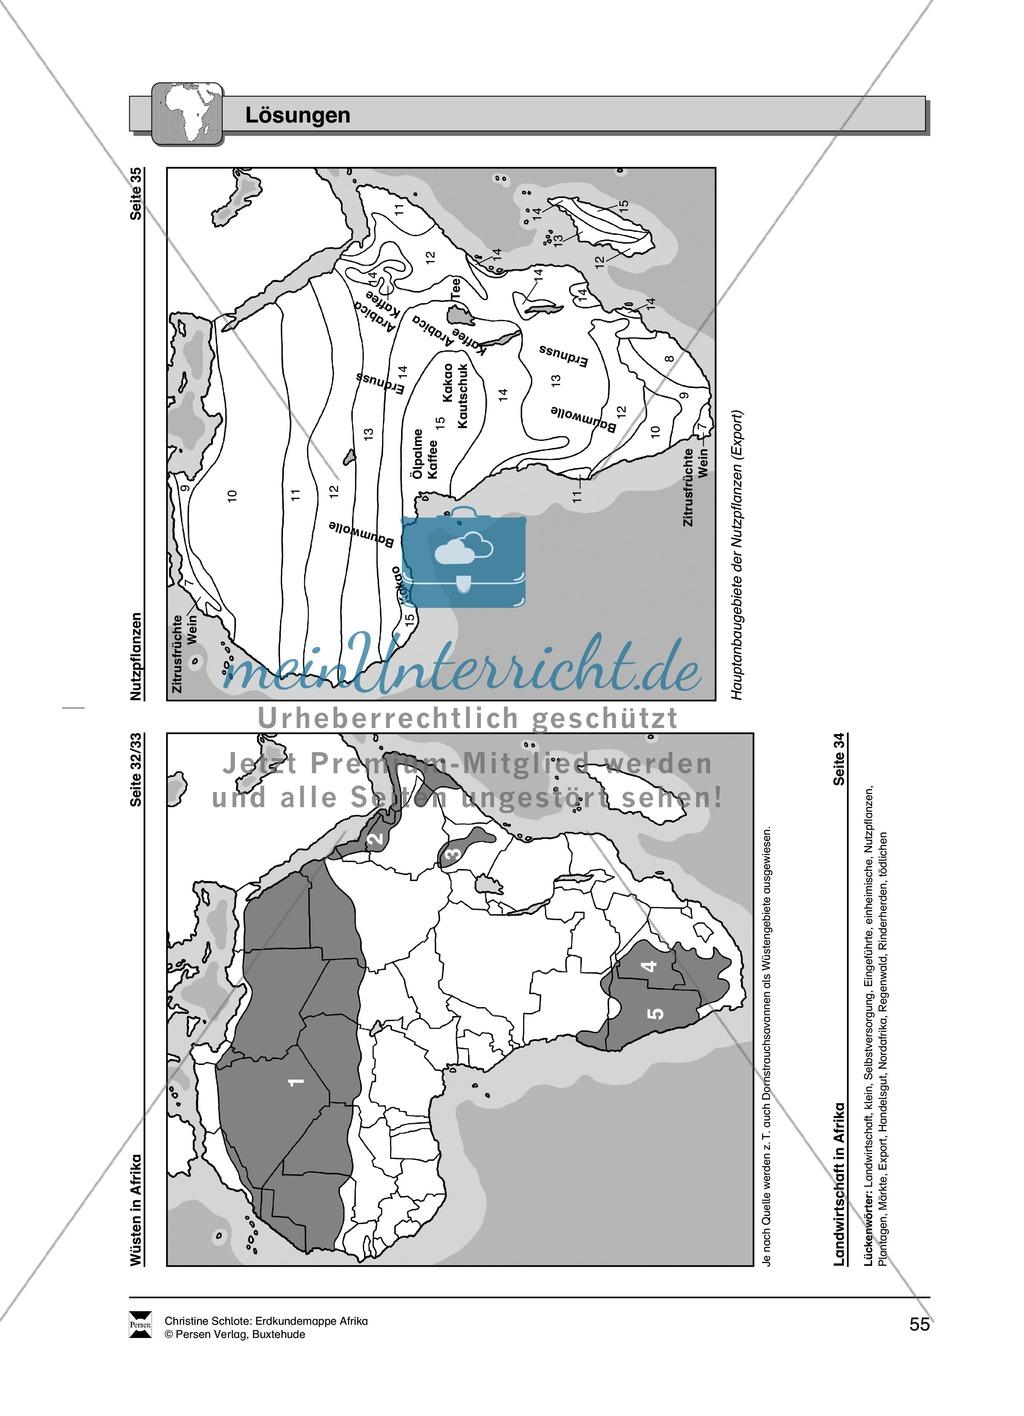 Kopiervorlage zum Klima des Kontinents Afrika: Lückentexte + Klimadiagramme + Karten Preview 17